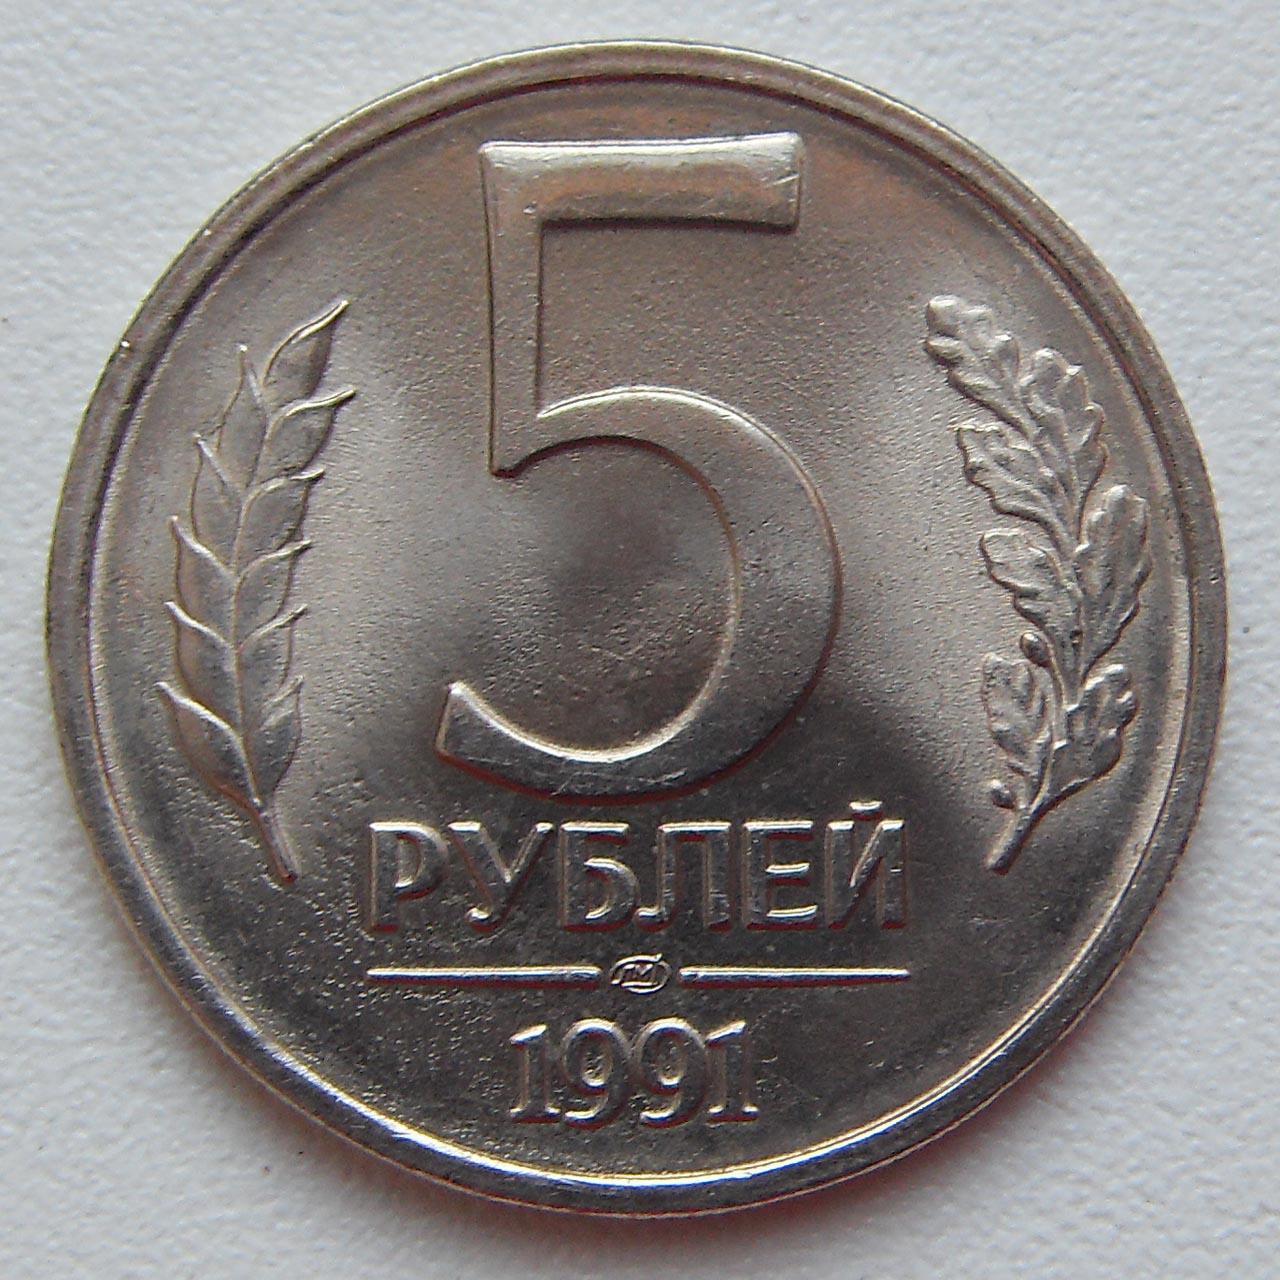 Редкие монеты гкчп 1991 1993 года 1 доллар 1996 года цена